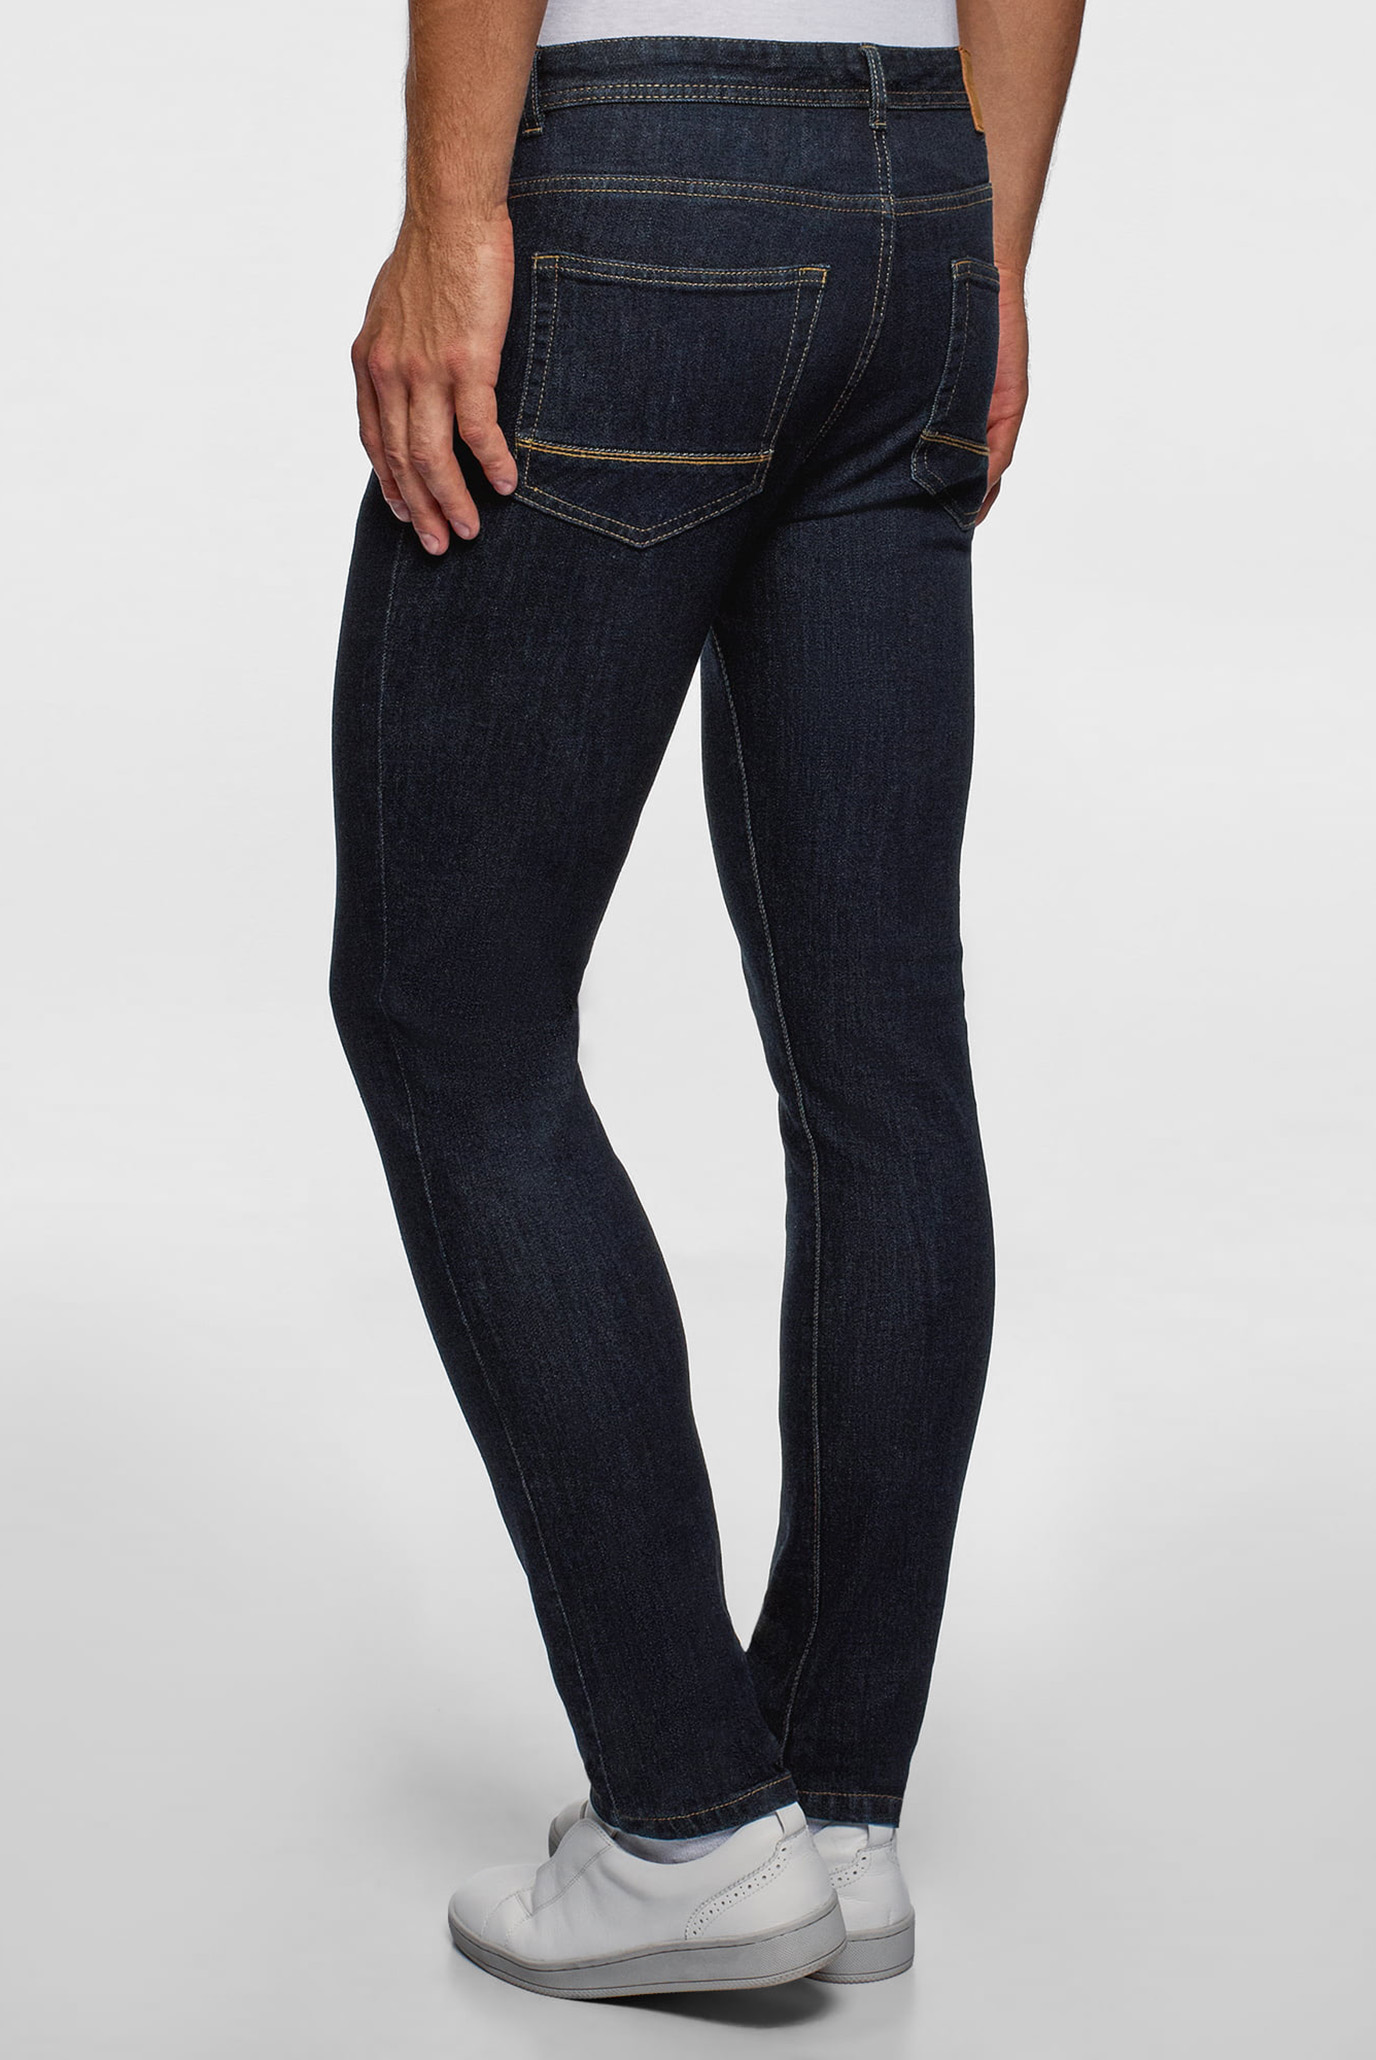 Купить Мужские темно-синие джинсы Oodji Oodji 6L120137M/46627/7800W – Киев, Украина. Цены в интернет магазине MD Fashion